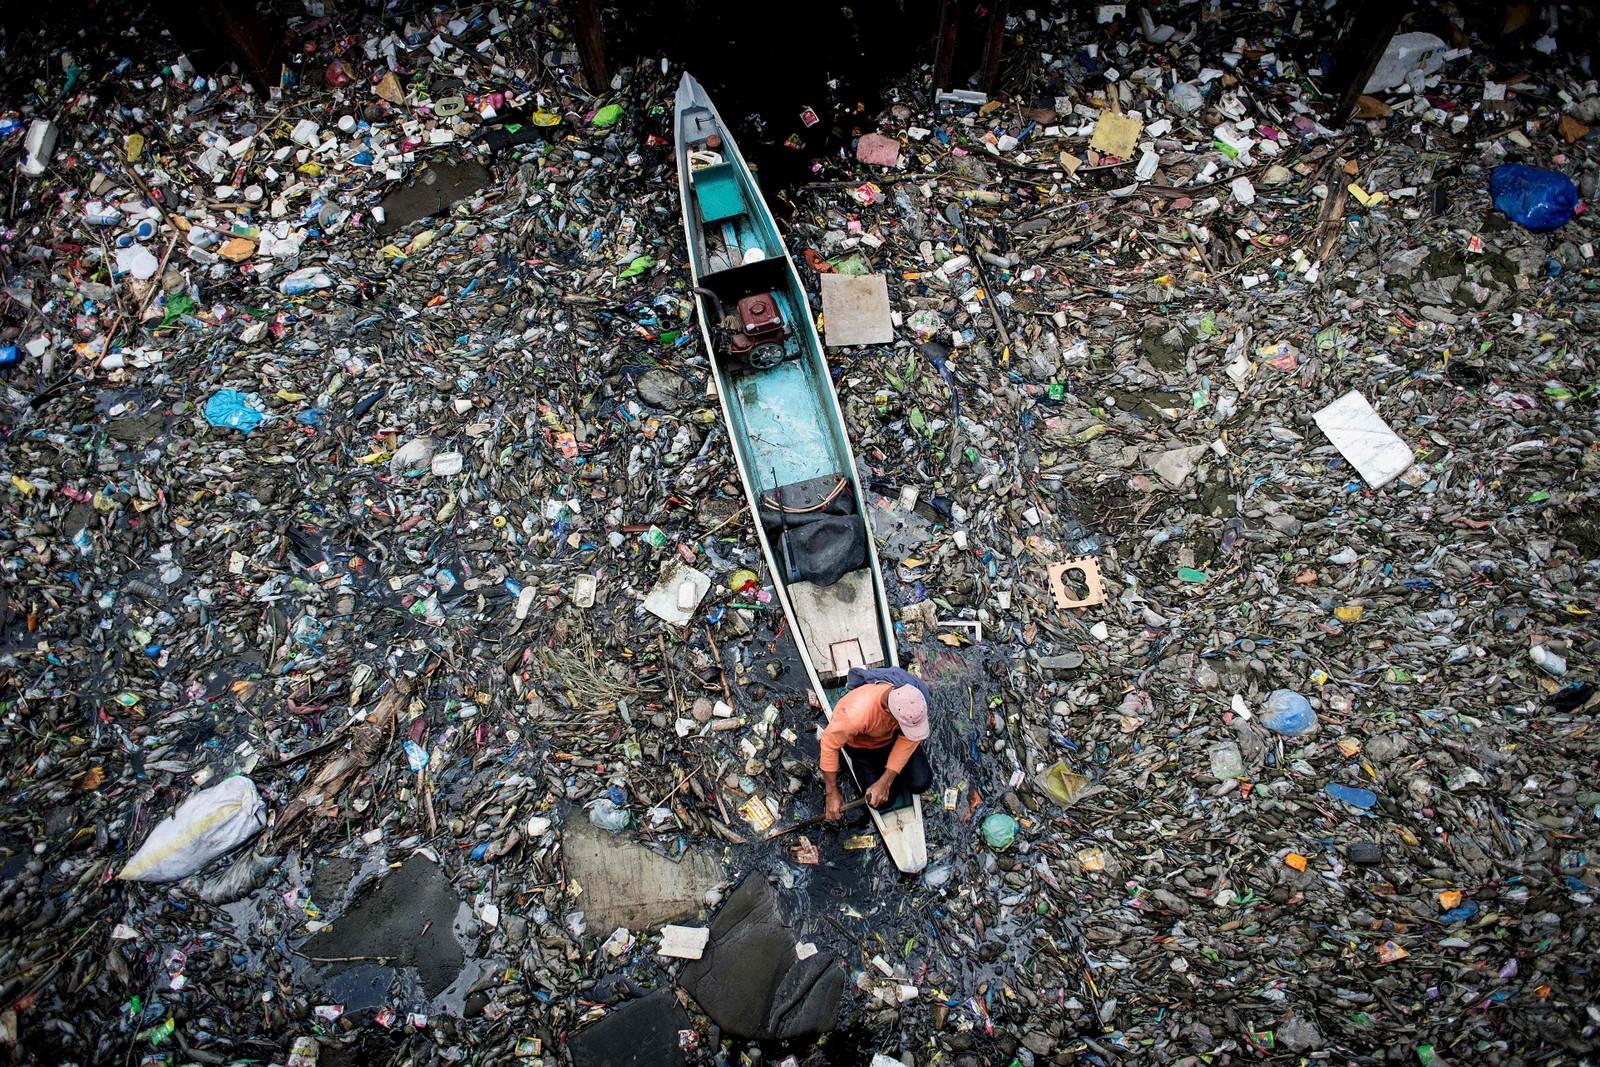 En arbeider fjerner søppel fra Marilao-elva i Bulacan på Filippinene. Elva ble i 2007 kåret til å være en av de 30 skitneste stedene i verden.